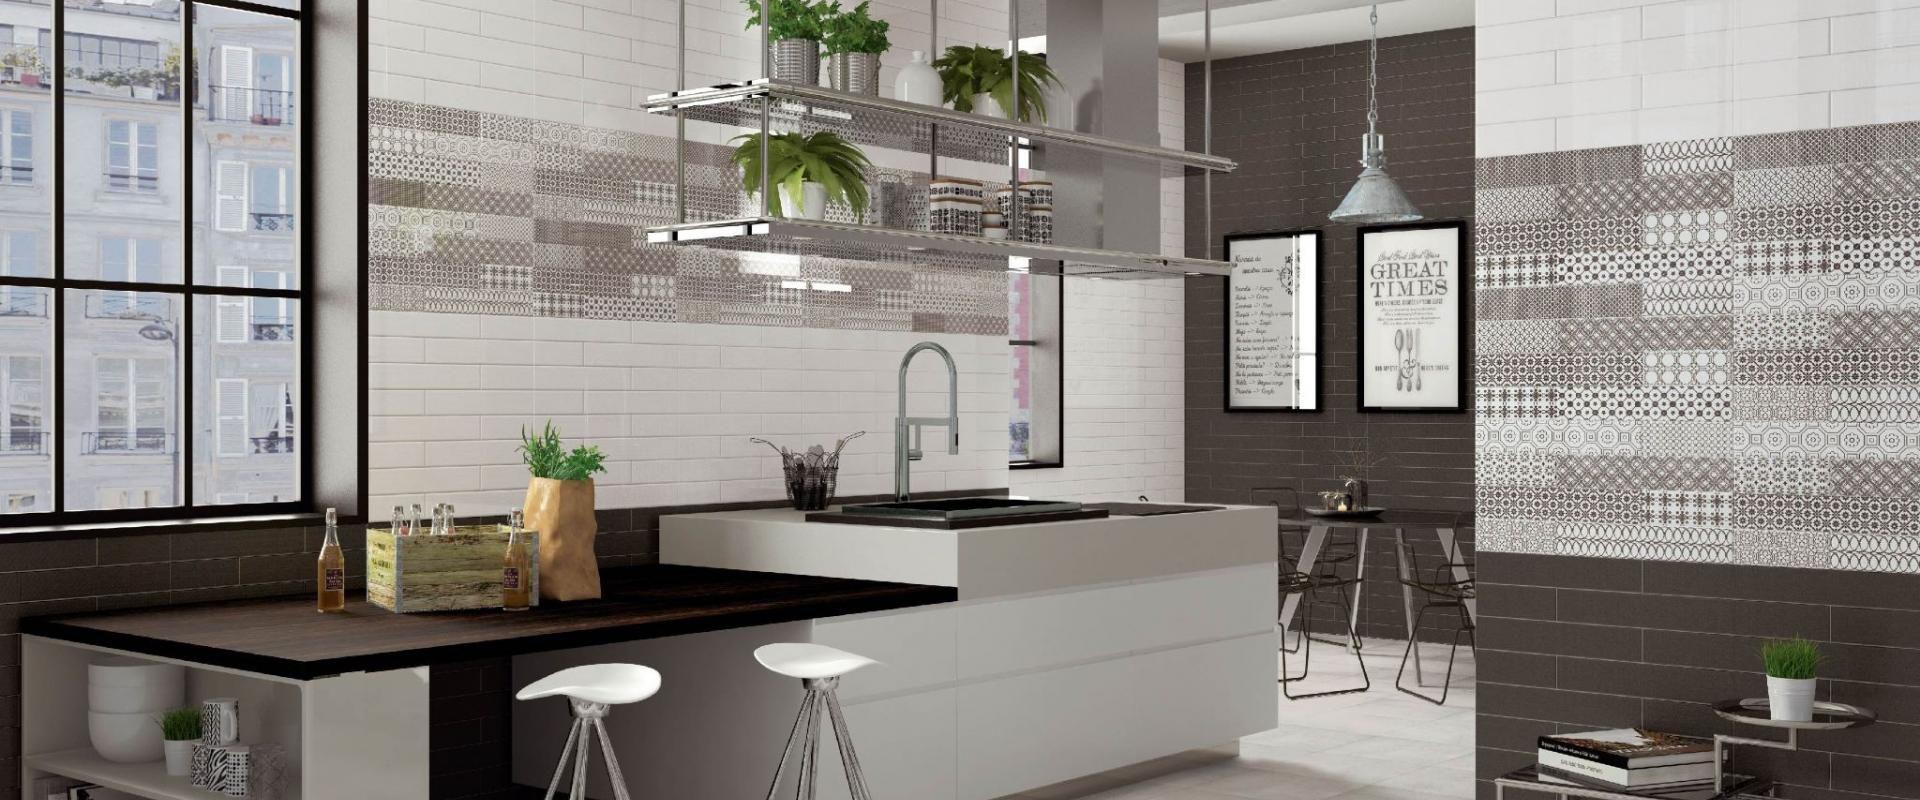 Erfreut Keramik Küchenbodenfliesen Uk Fotos - Ideen Für Die Küche ...